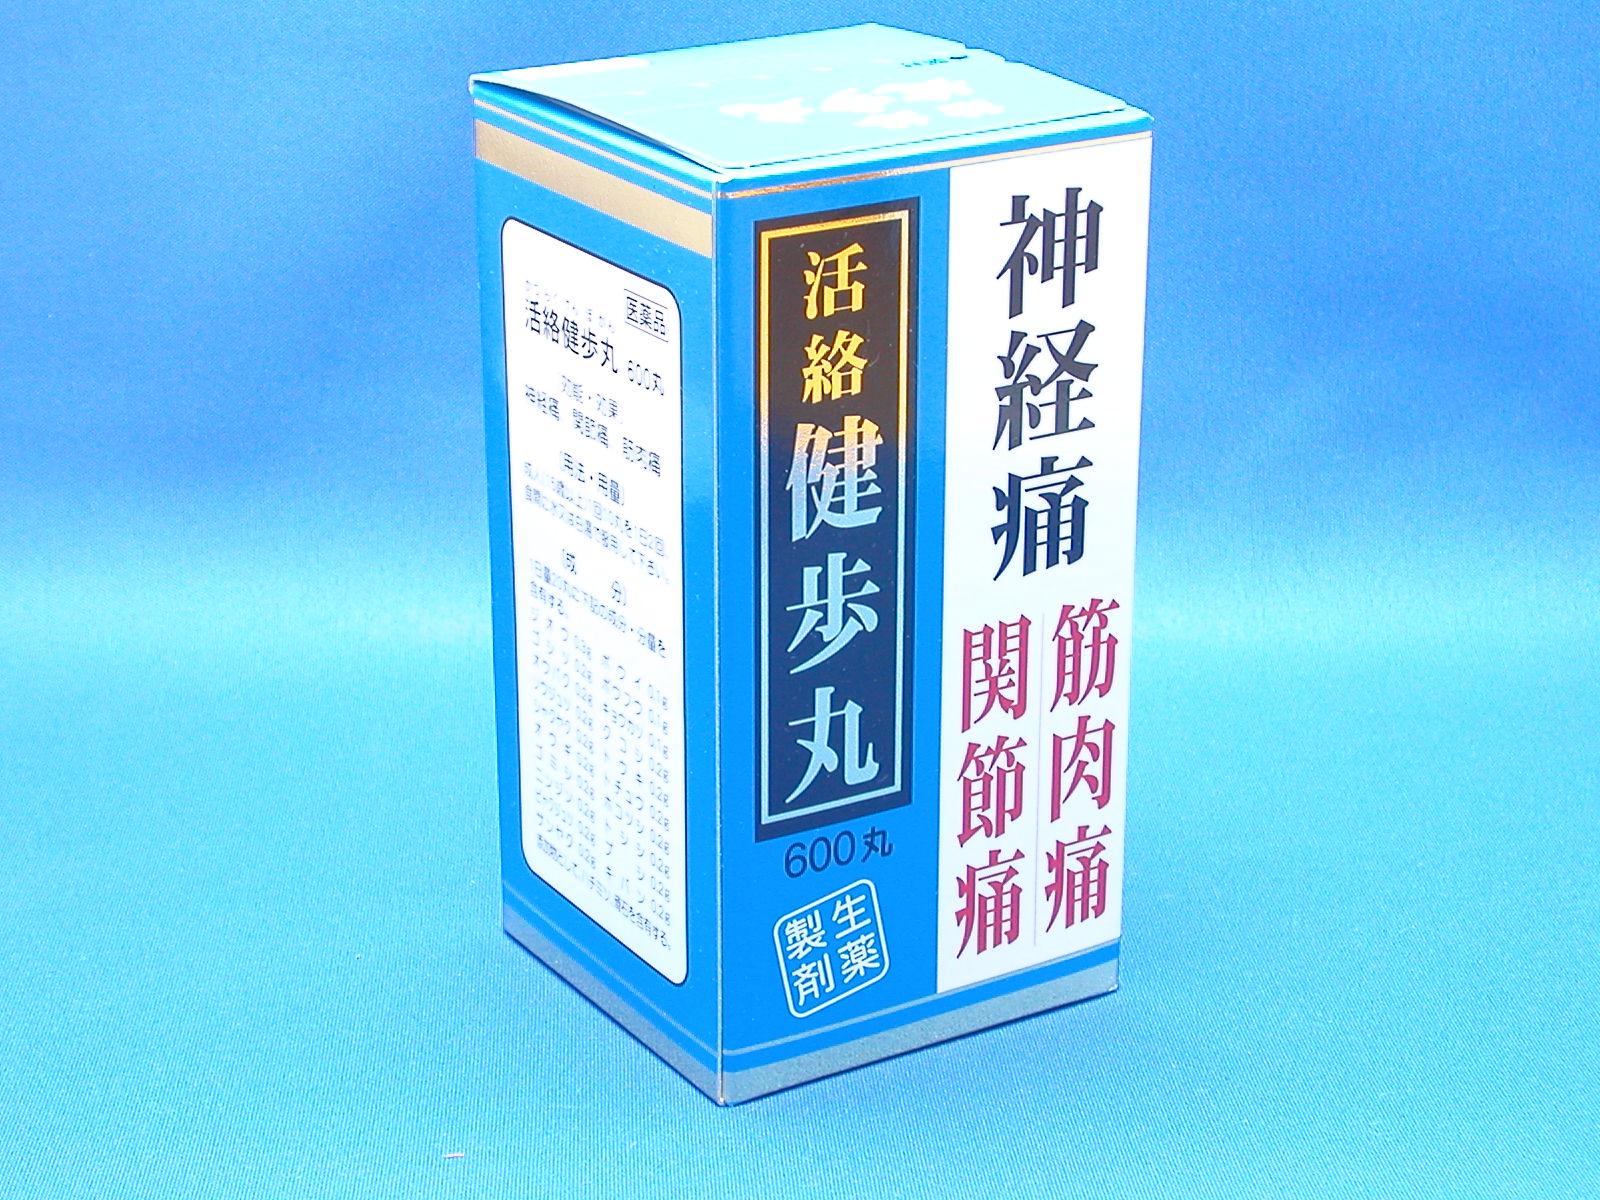 活絡健歩丸(かつらくけんぽがん) 600丸 【第2類医薬品】